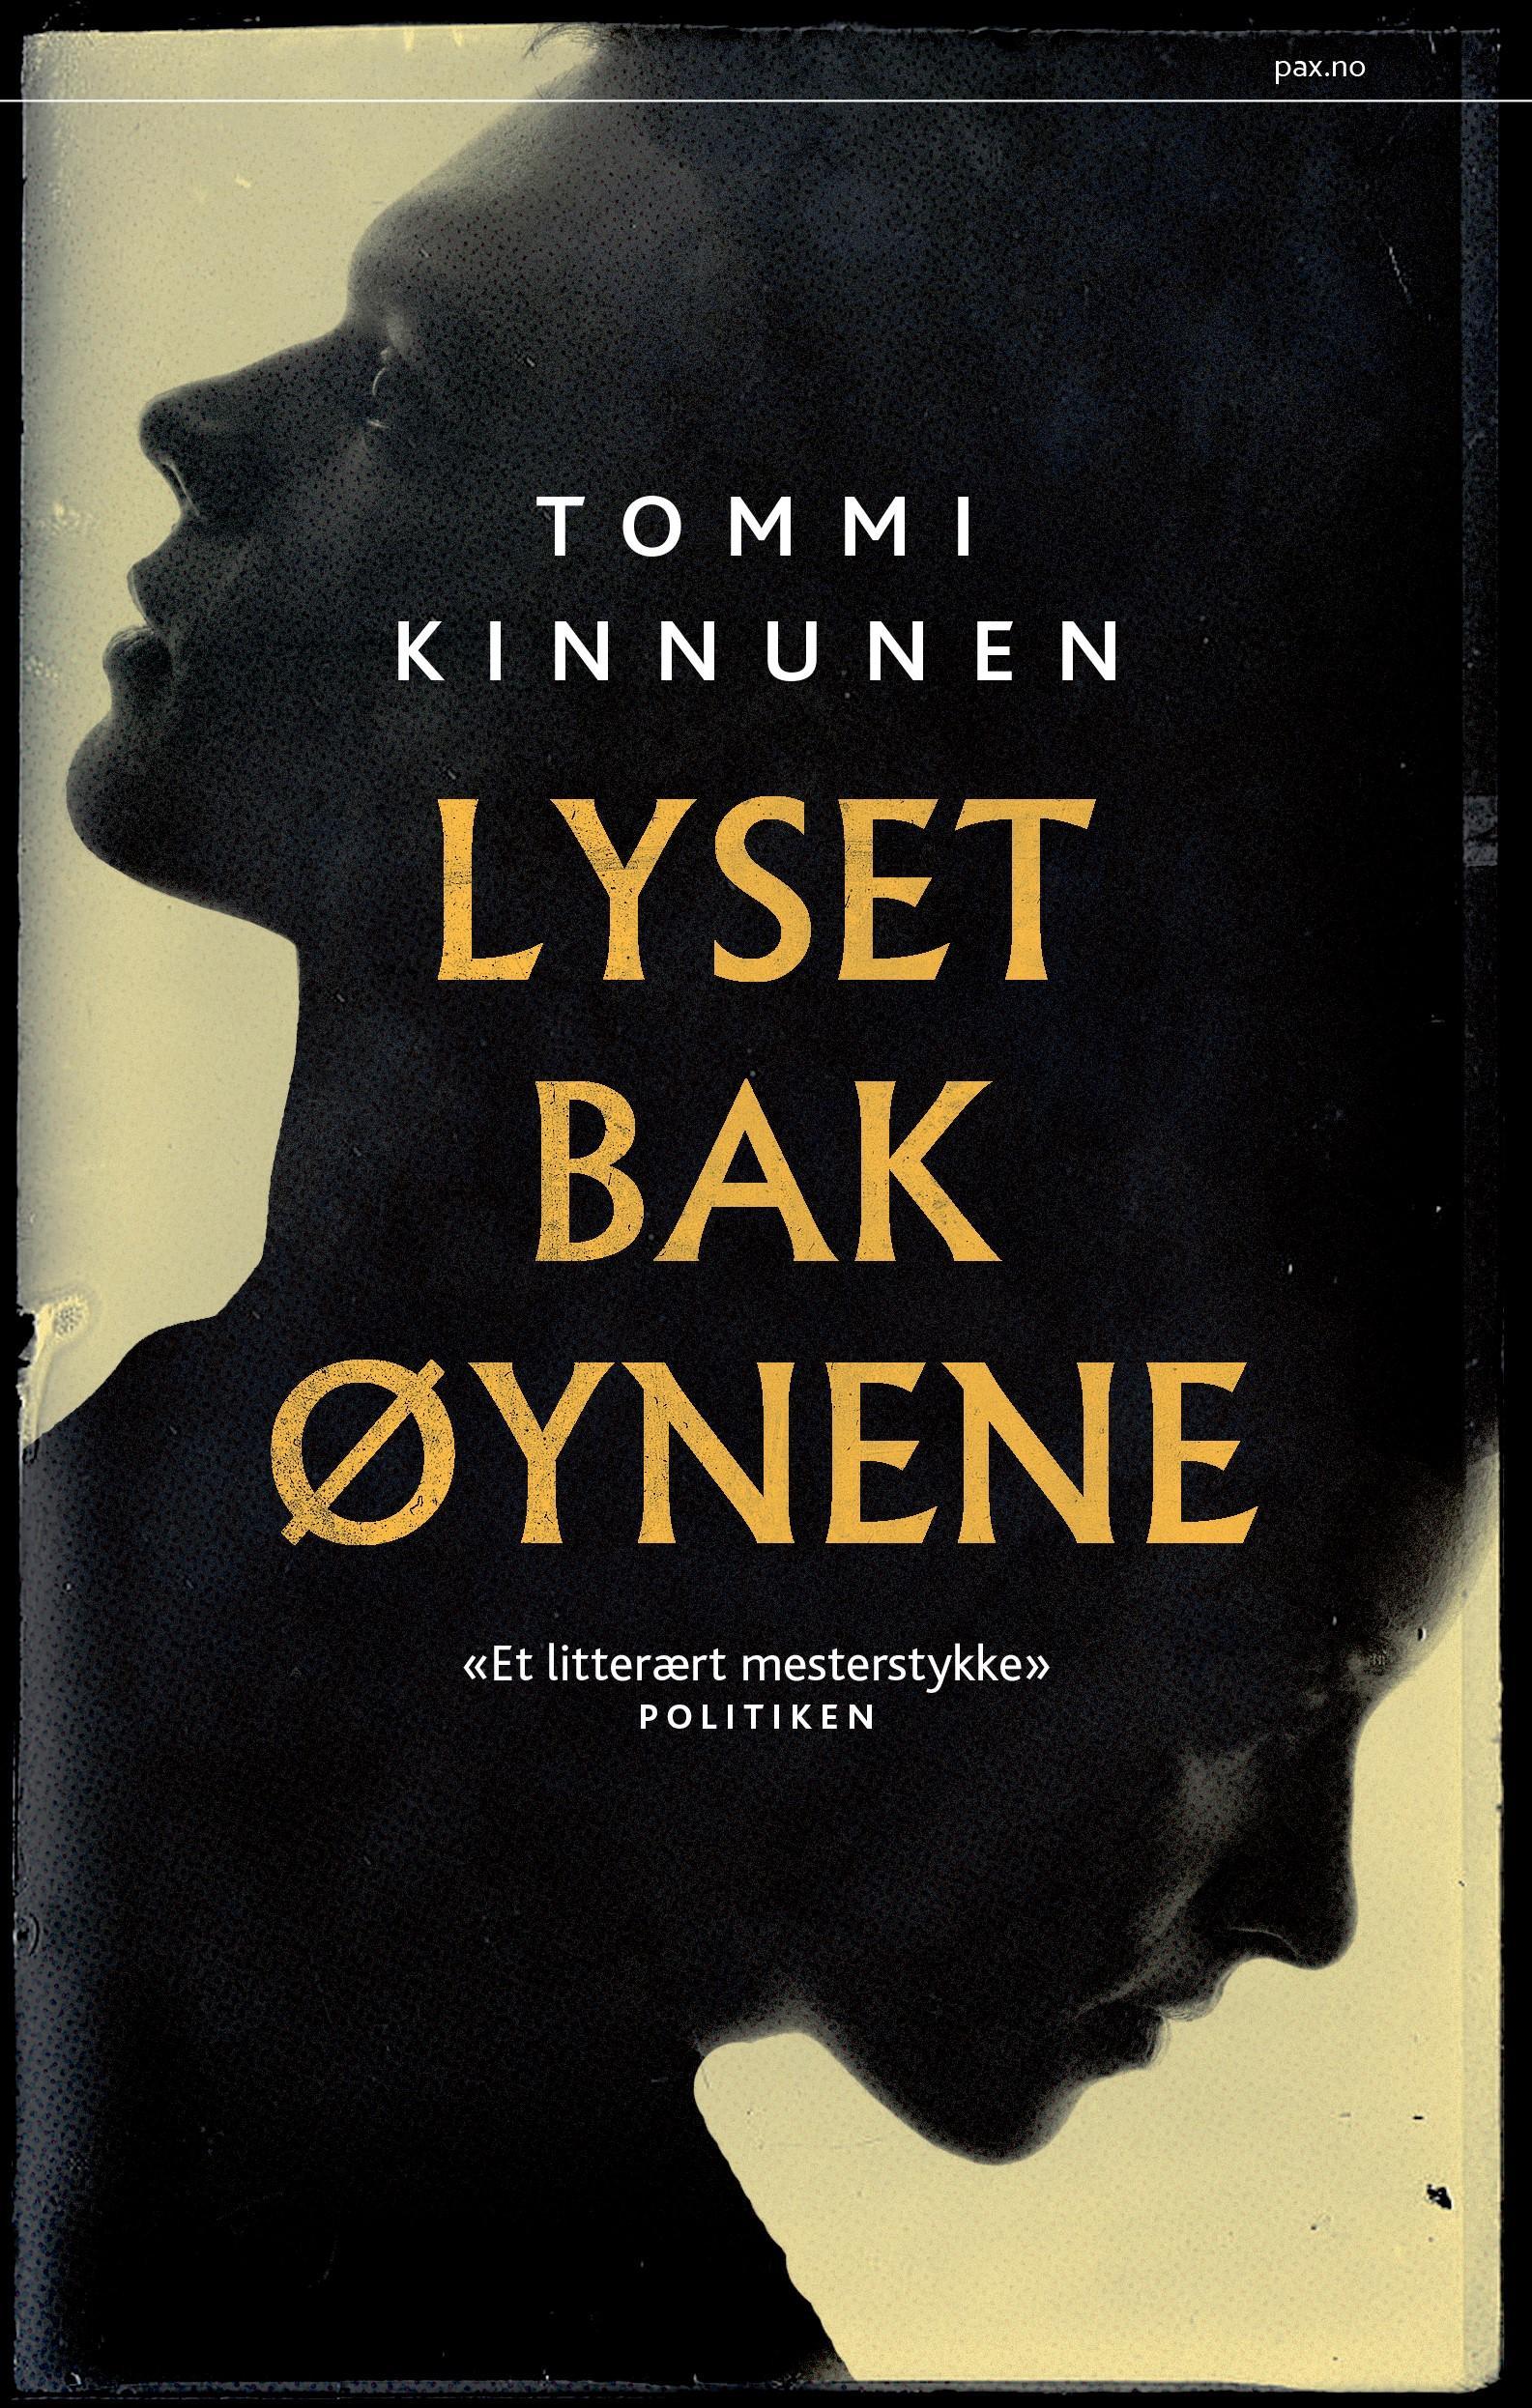 """""""Lyset bak øynene"""" av Tommi Kinnunen"""